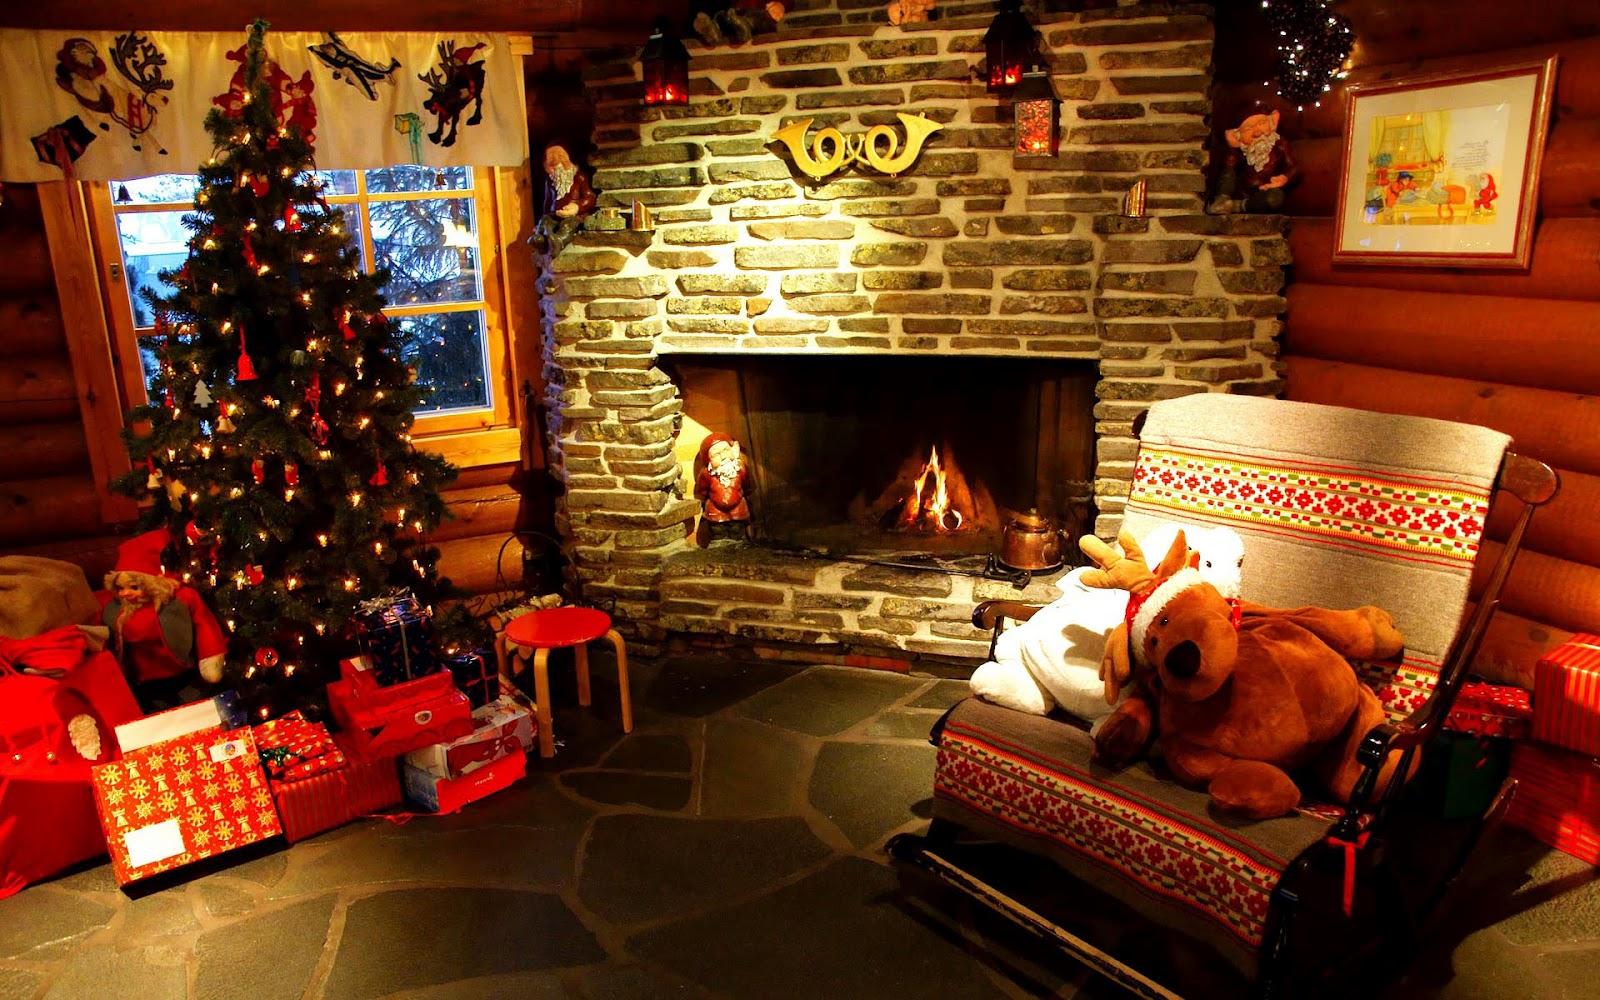 http://1.bp.blogspot.com/-UaIaD577z5U/UCqQ65huqNI/AAAAAAAAE4A/ocl8Lnptv-E/s1600/hd-kerst-wallpaper-met-een-woonkamer-tijdens-kerst-met-kerstboom-open-haard-en-kerstcadeaus-achtergrond-hd.jpg